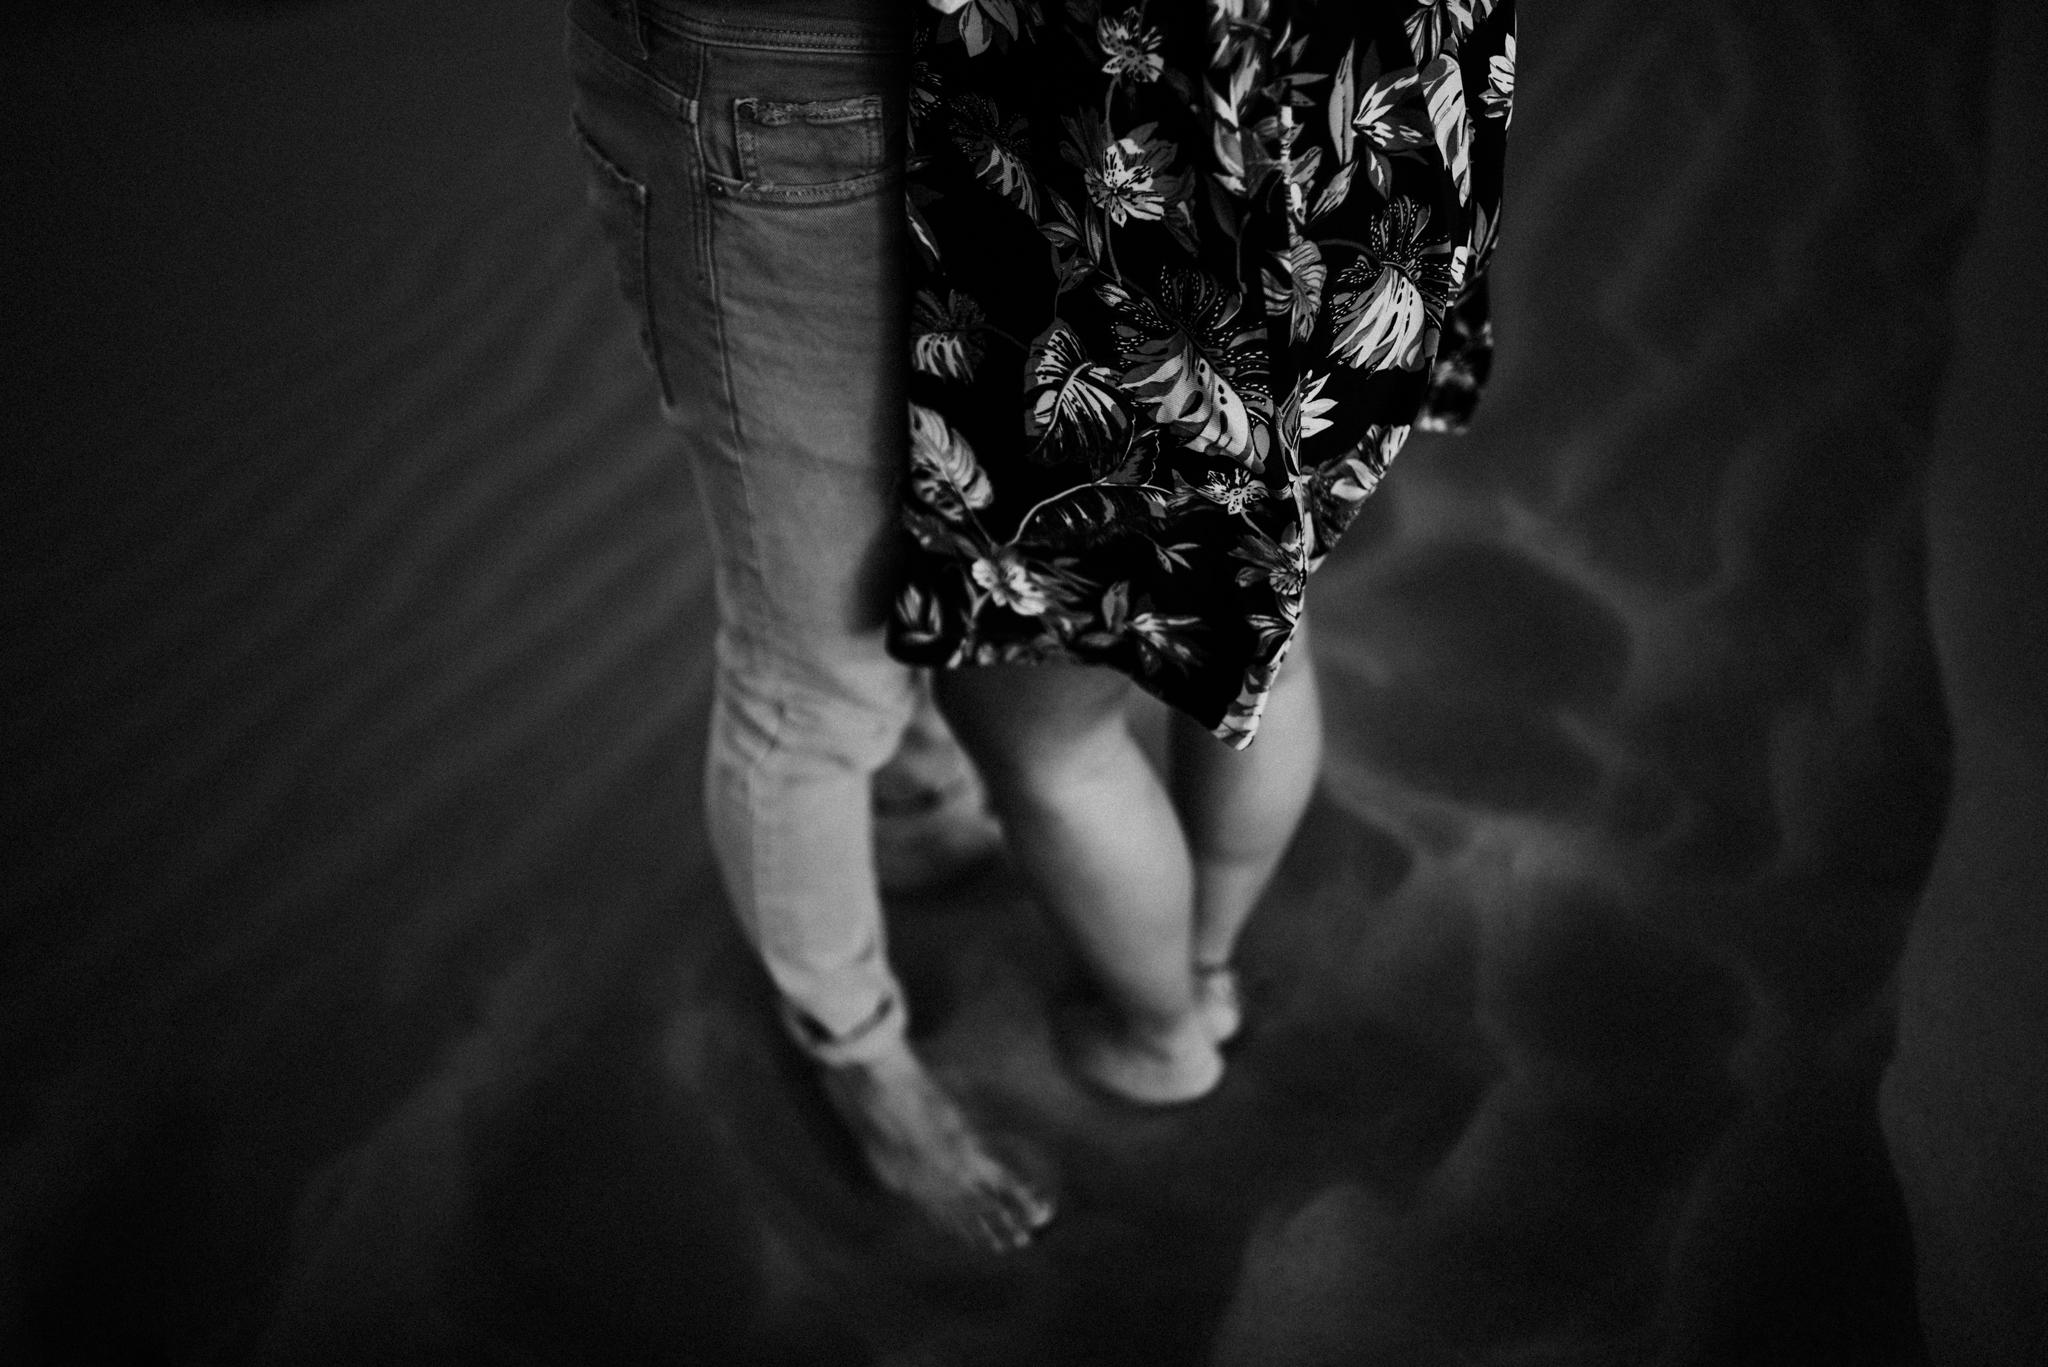 Ruben y Bea_Airam_Hernandez_fotografo-37.jpg